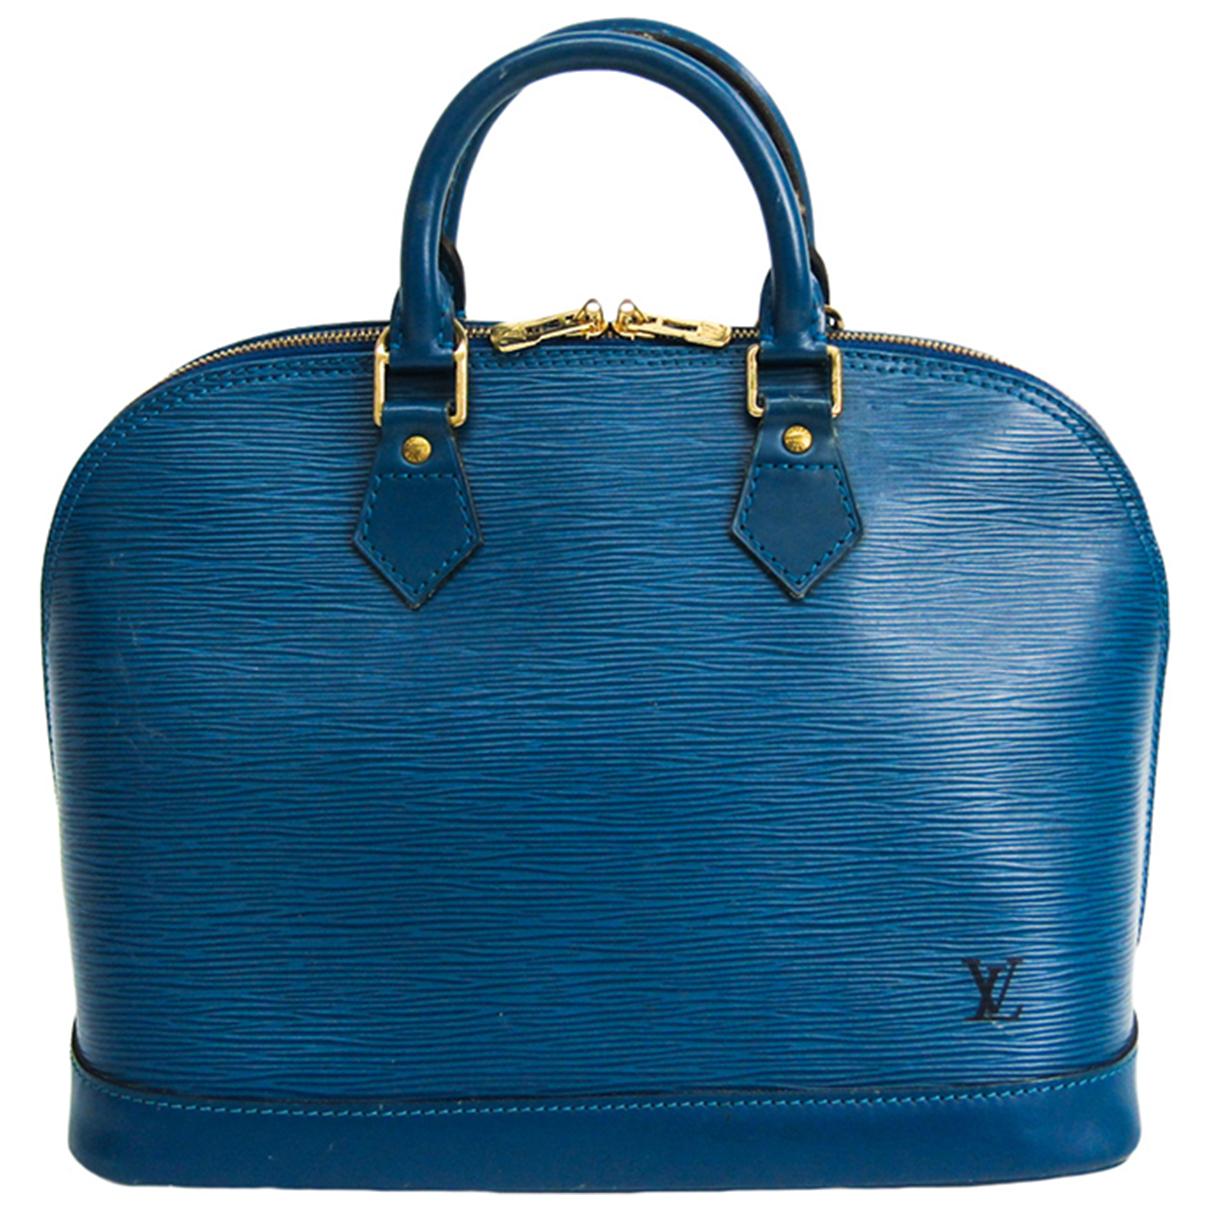 Louis Vuitton N Blue Leather handbag for Women N